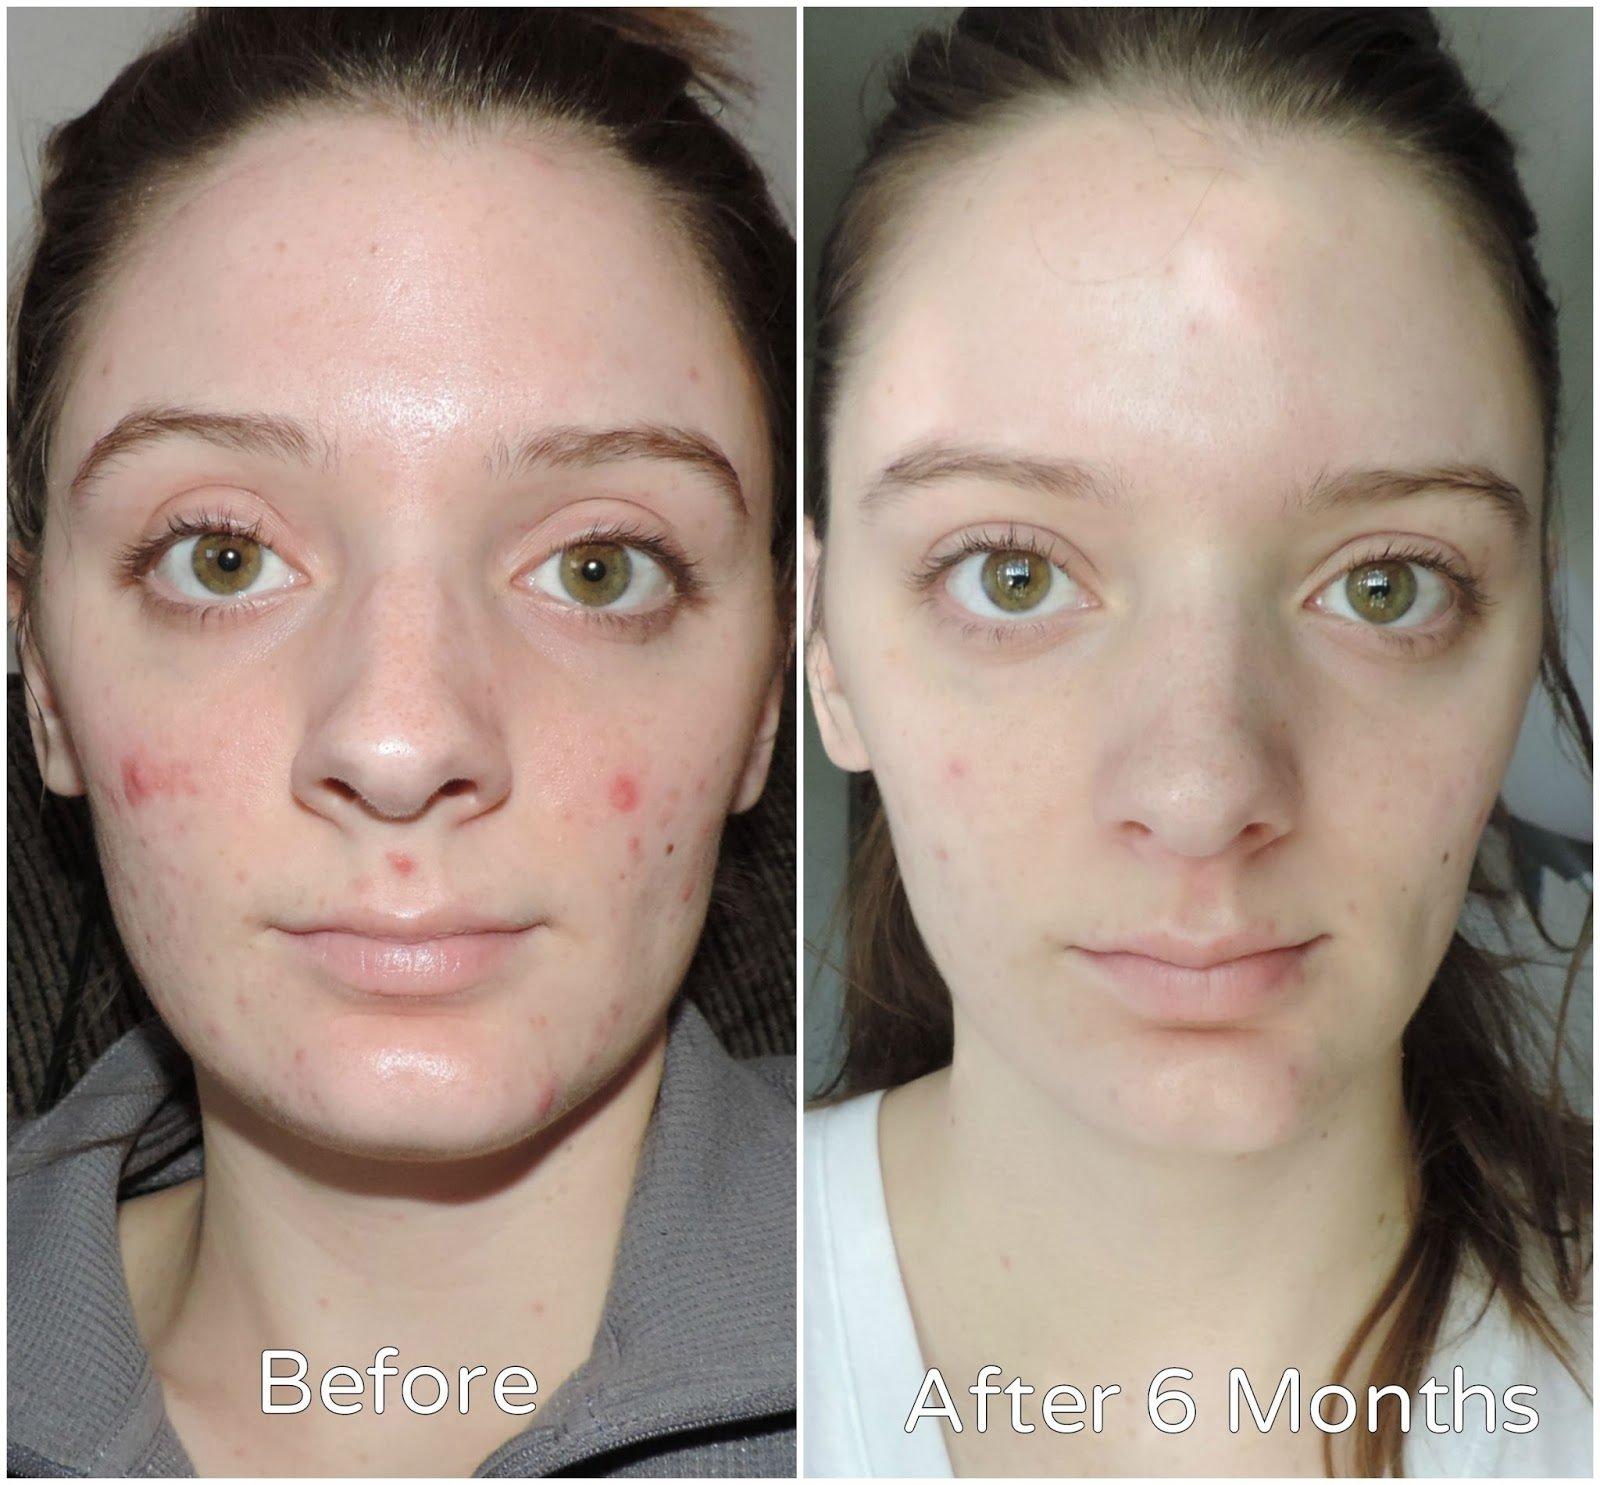 Thành phần vitamin C với nồng độ cao hỗ trợ sáng da, mờ thâm hiệu quả